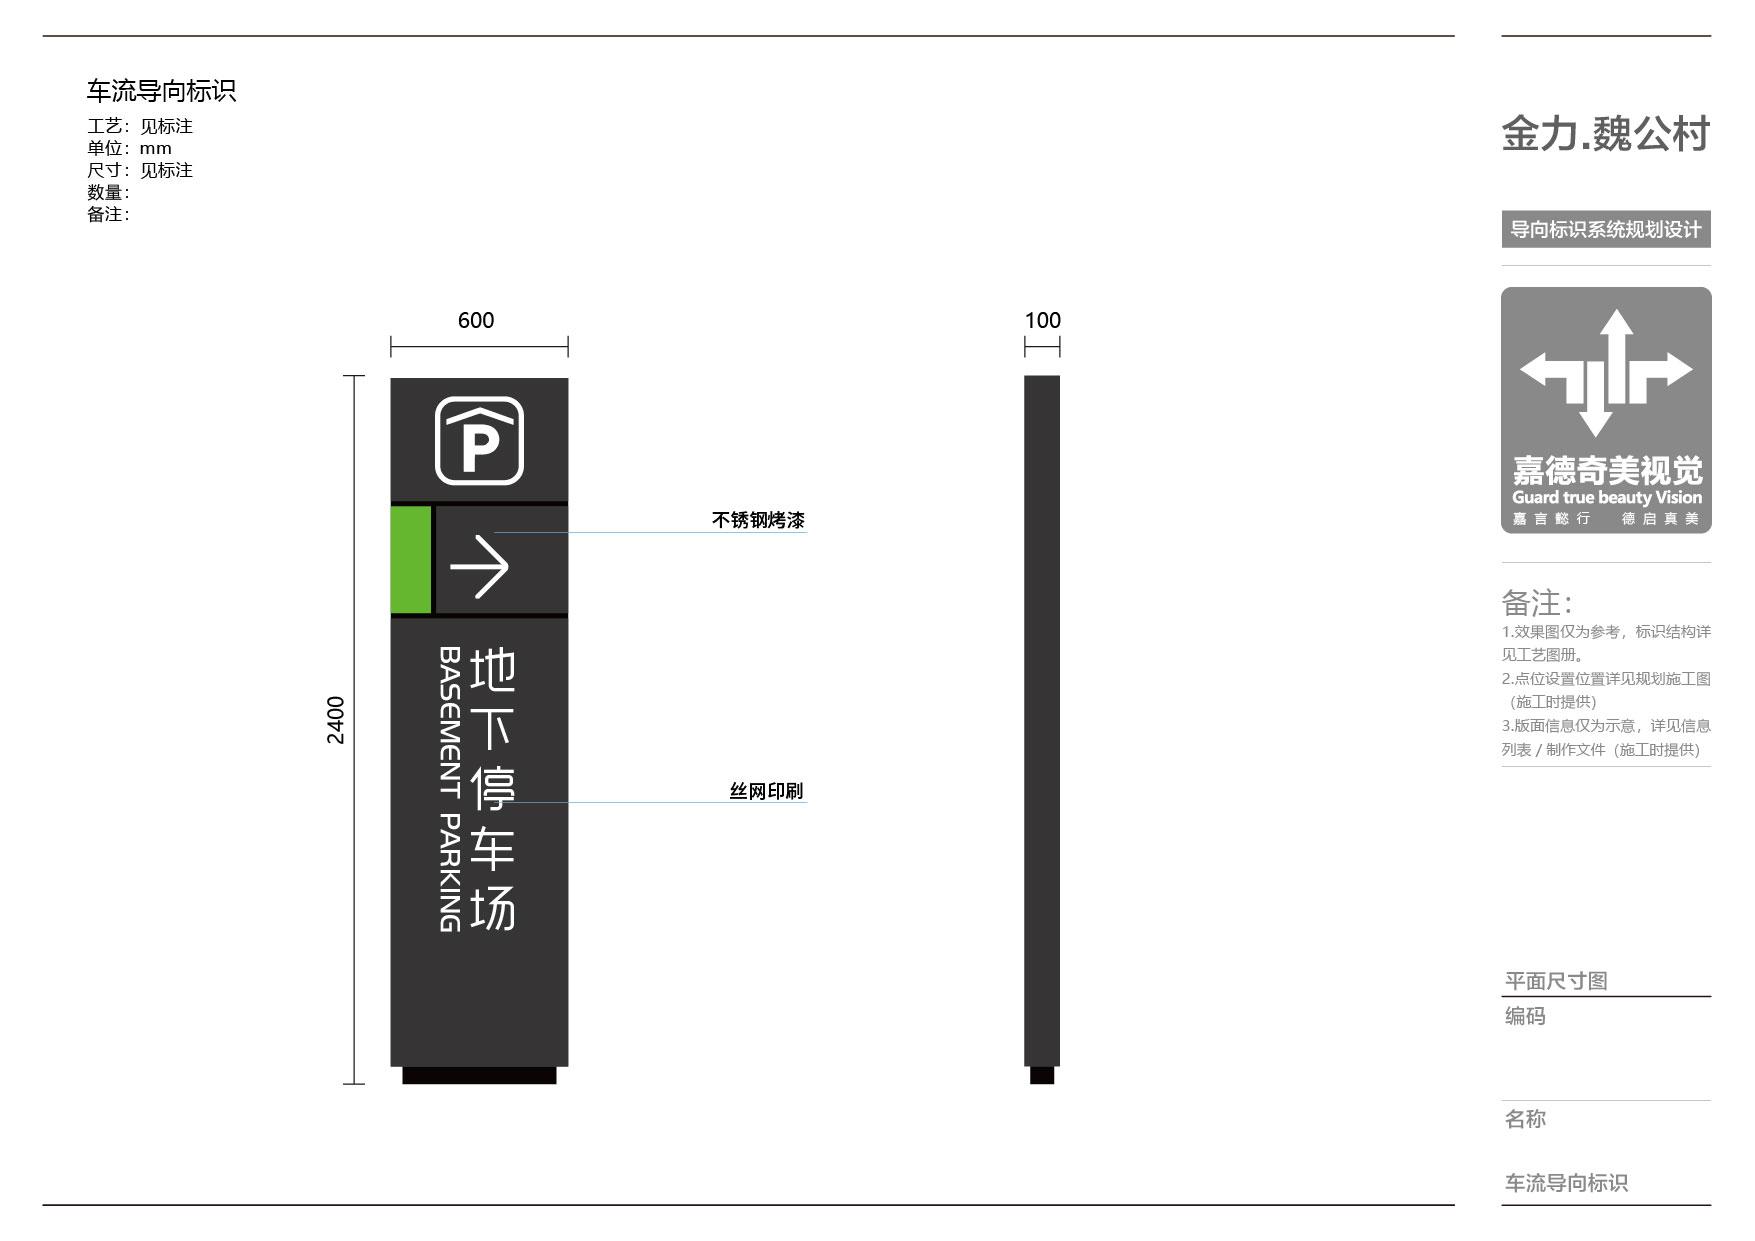 魏公村小区导视系统方案1227合最终发_页面_02